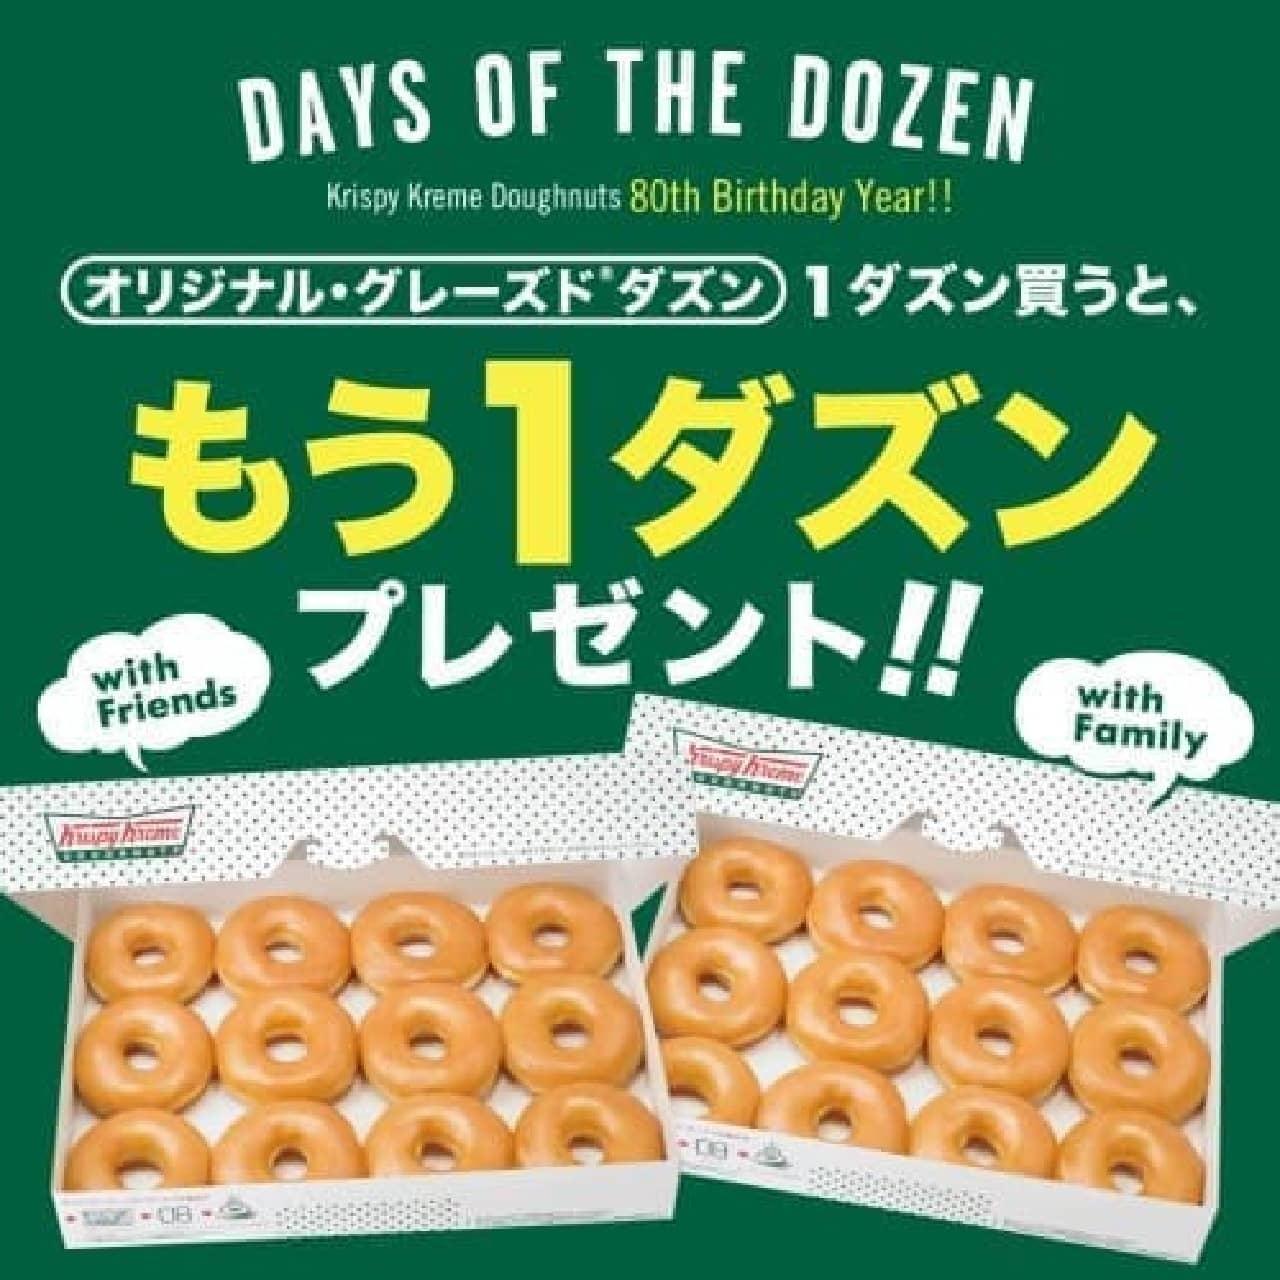 クリスピー・クリーム・ドーナツ 「オリジナル・グレーズド」1箱買うと無料でもう1箱もらえる